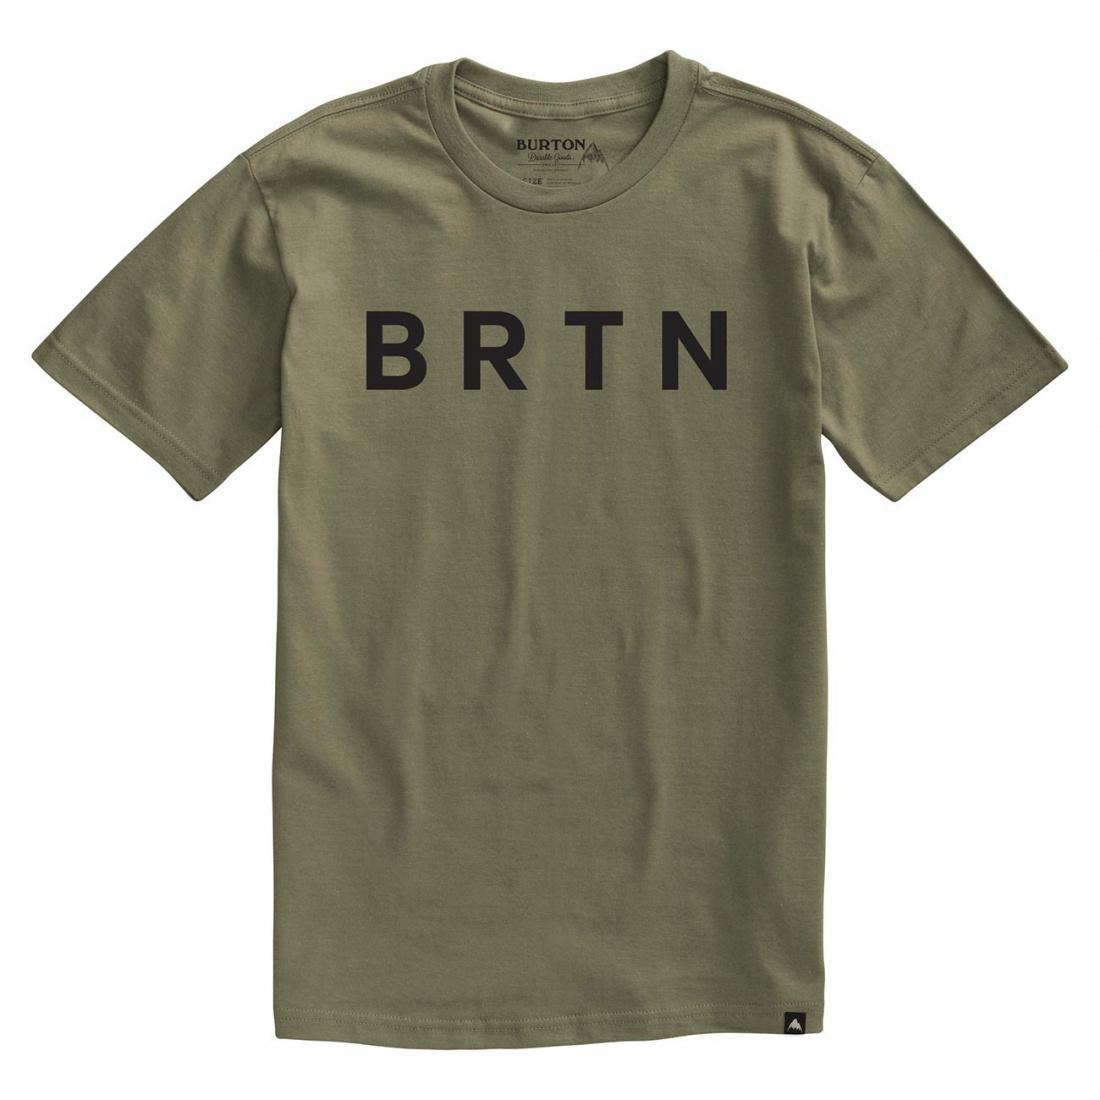 Футболка Burton BRTN Short Sleeve купить в Boardshop №1